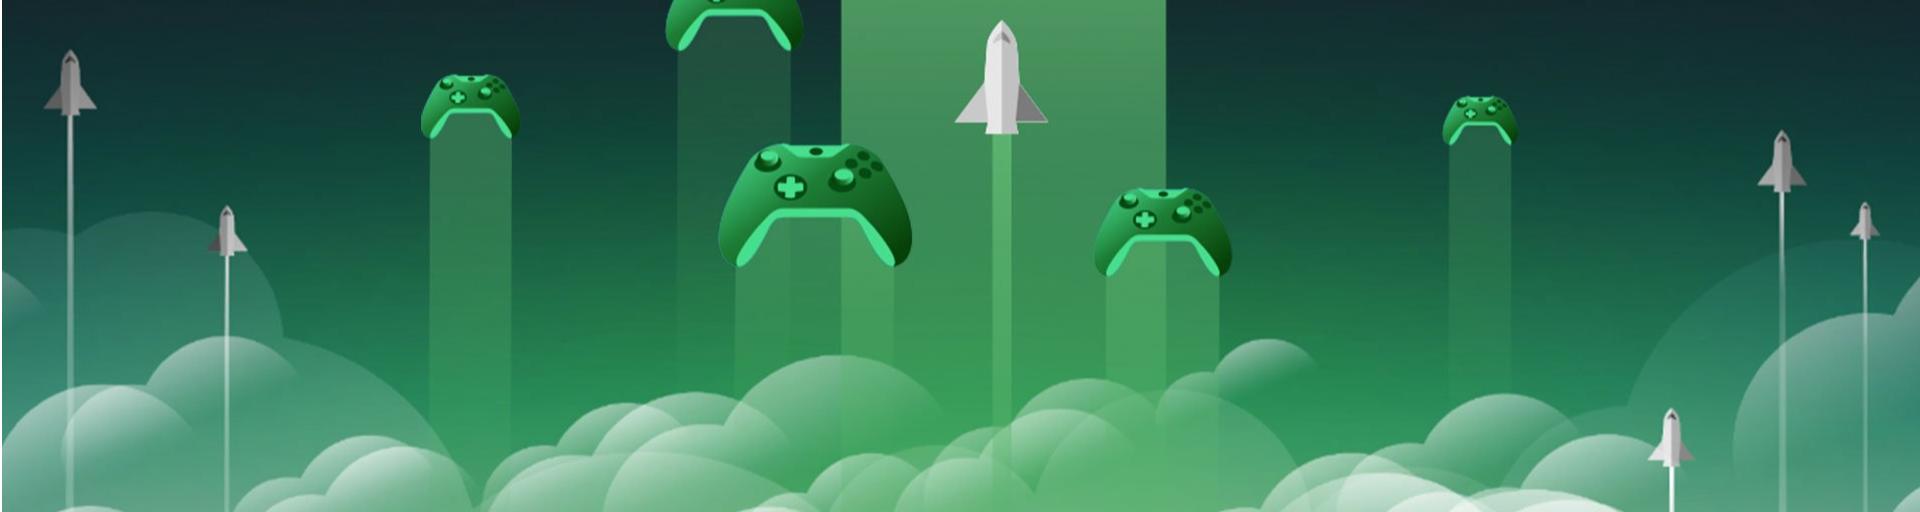 12 miesięcy subskrypcji Xbox Live bg